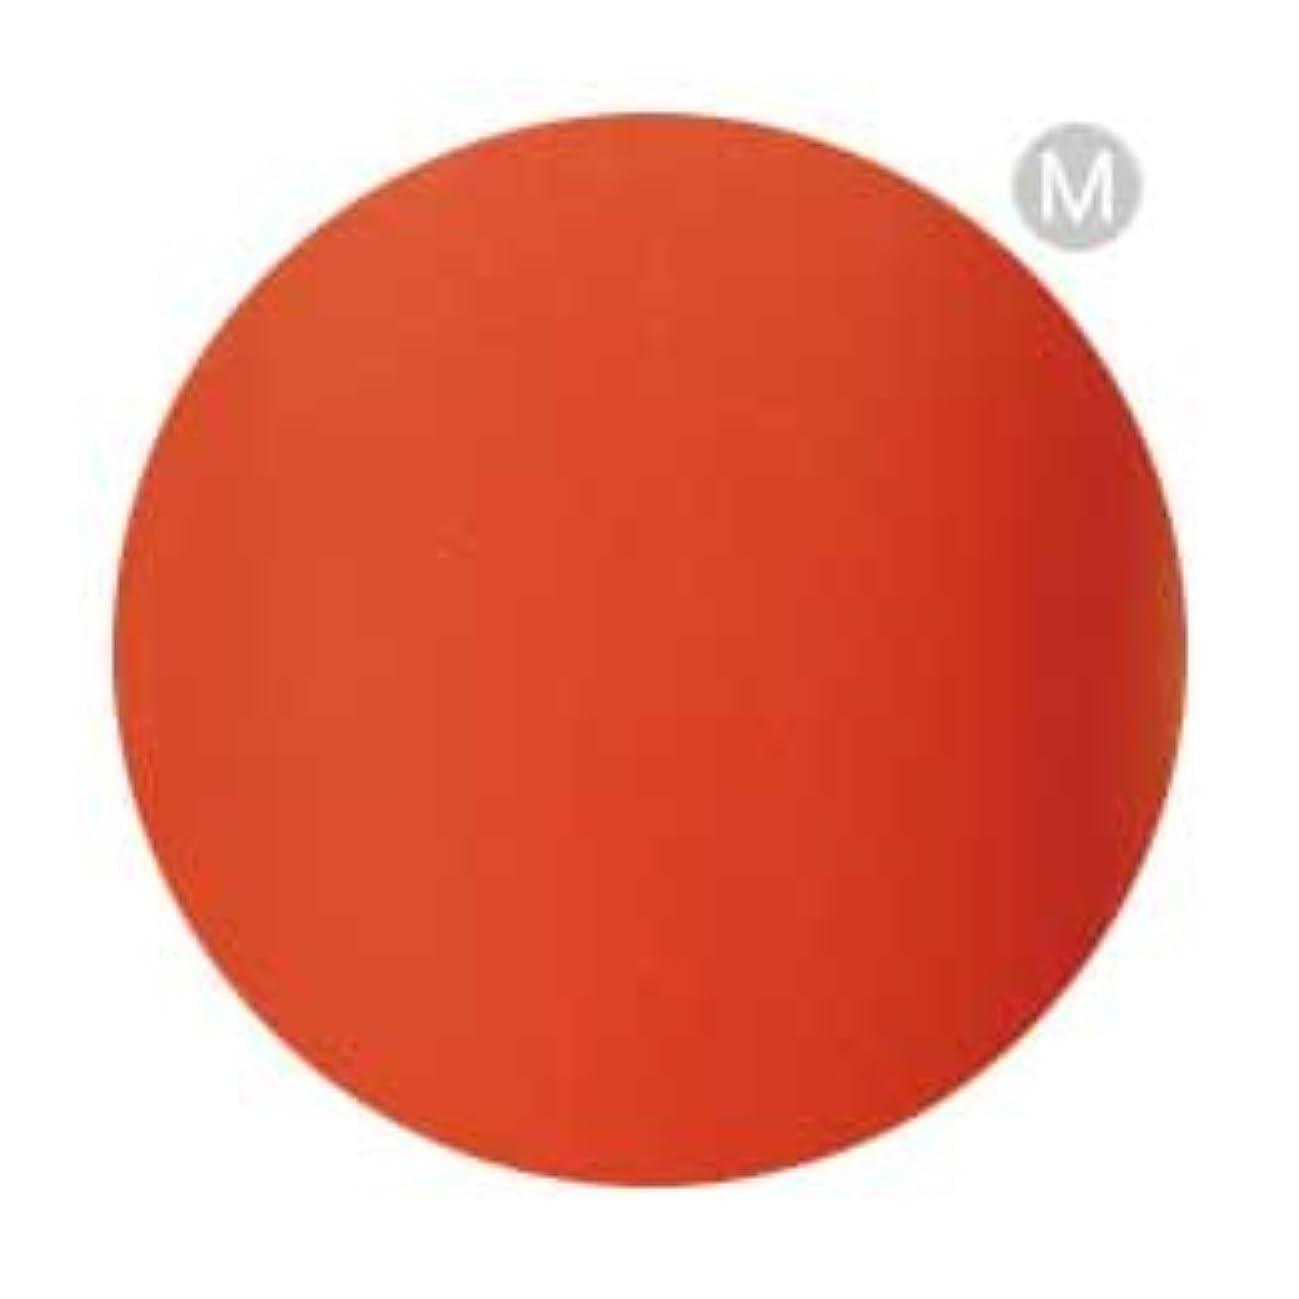 喜び非常に怒っています緊急Palms Graceful カラージェル 3g 077 タンジェリンオレンジ